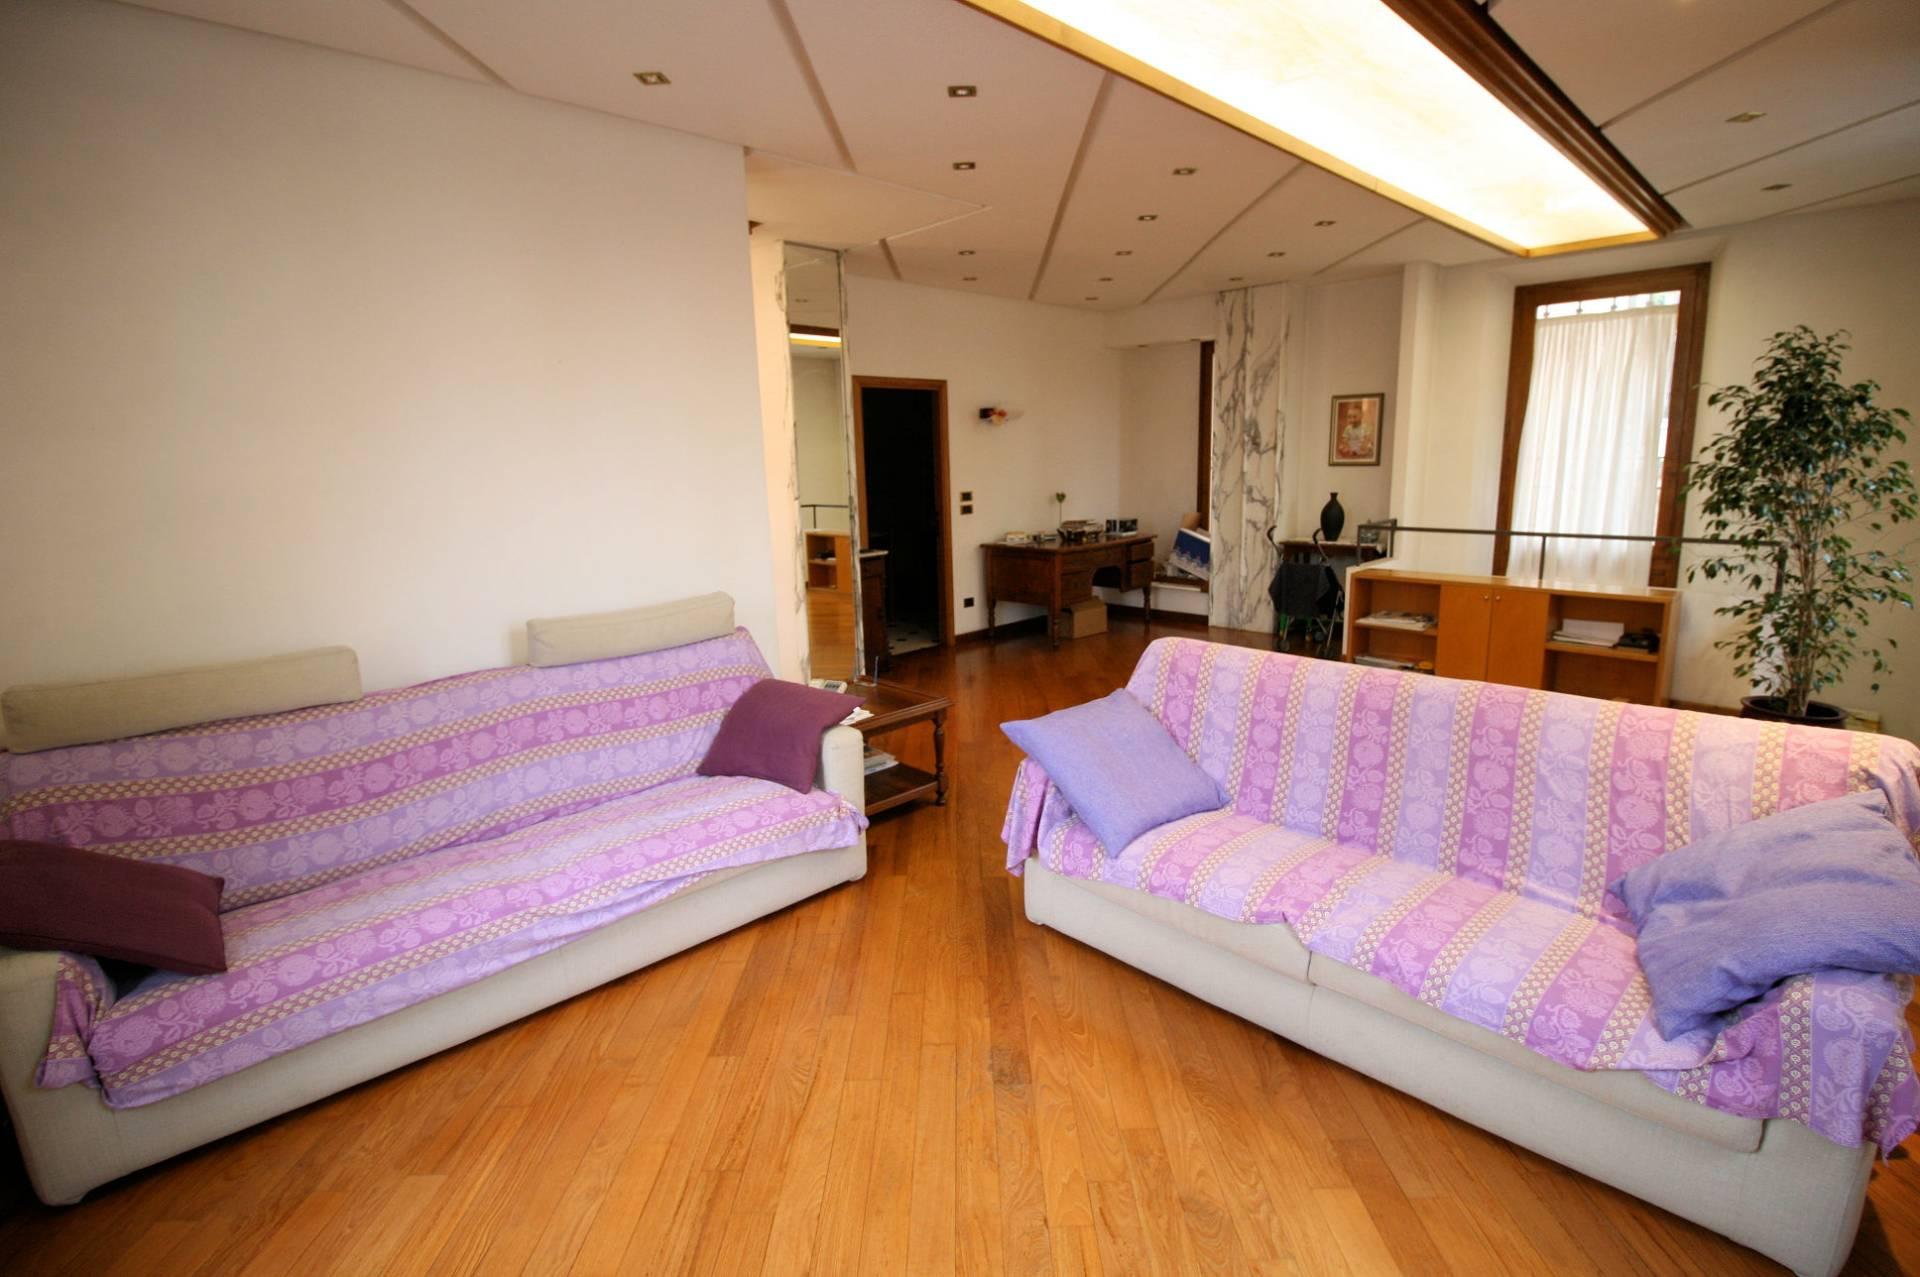 Villa Bifamiliare in vendita a Montecatini-Terme, 9 locali, prezzo € 590.000 | Cambio Casa.it